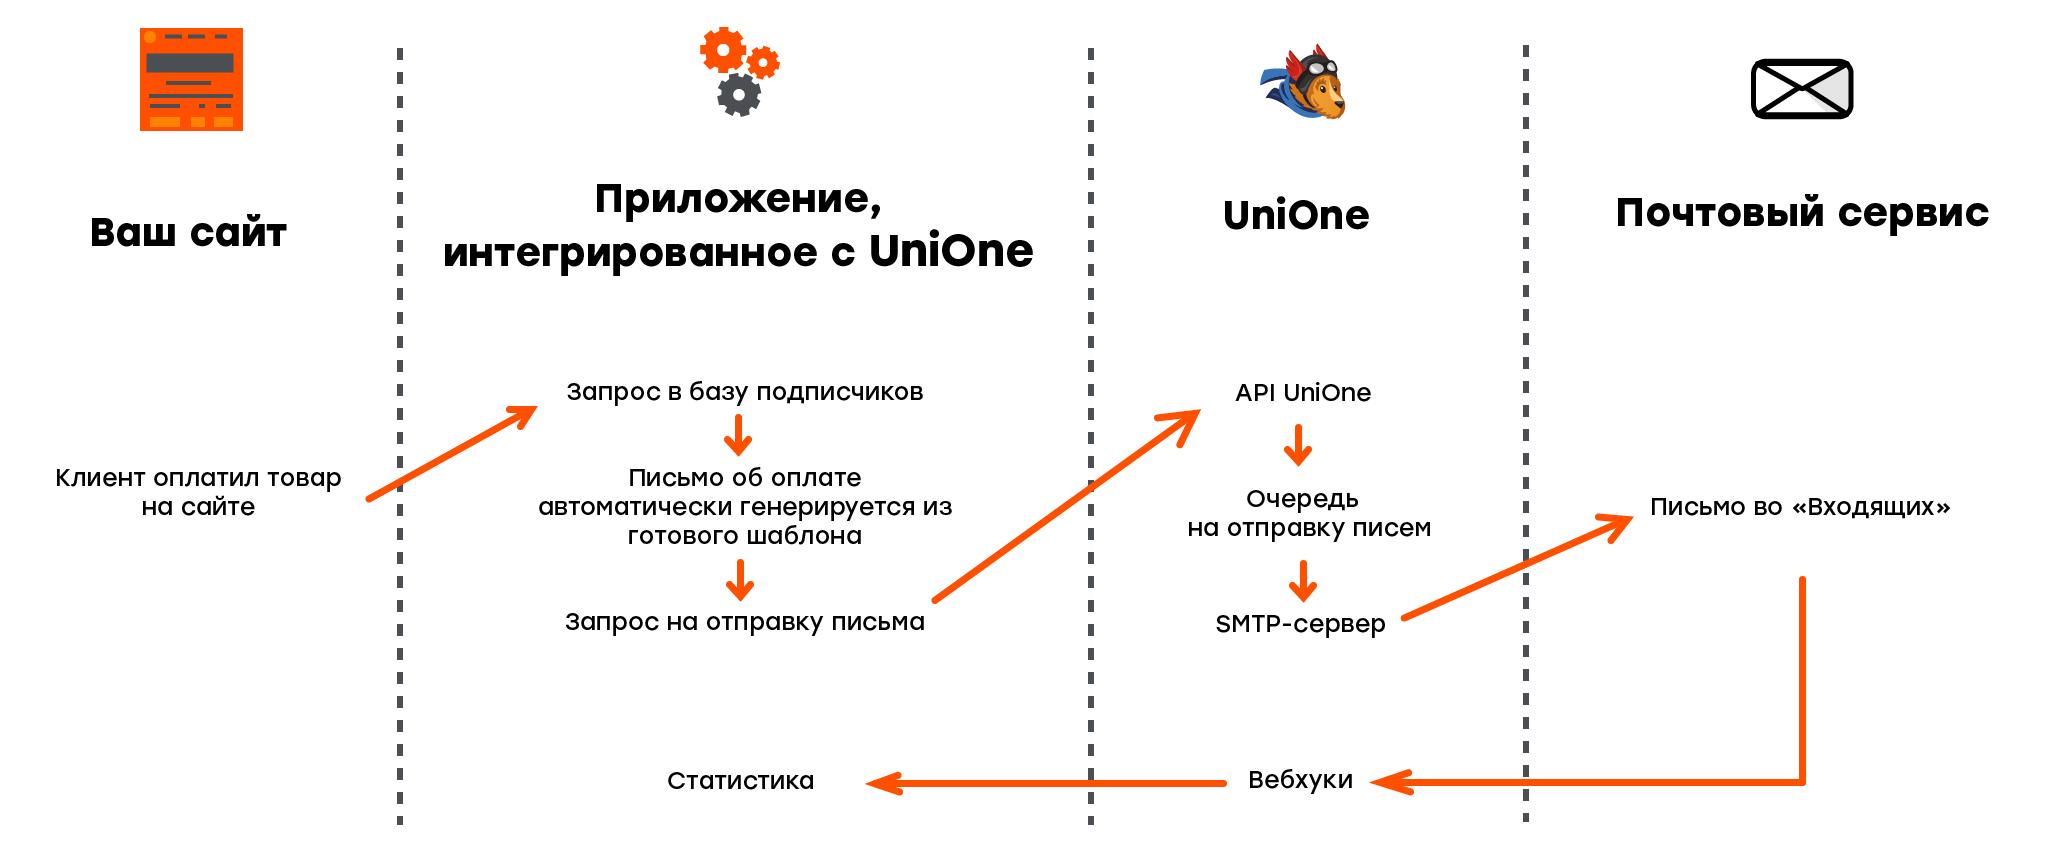 Принцип работы сервиса для транзакционных рассылок UniOne